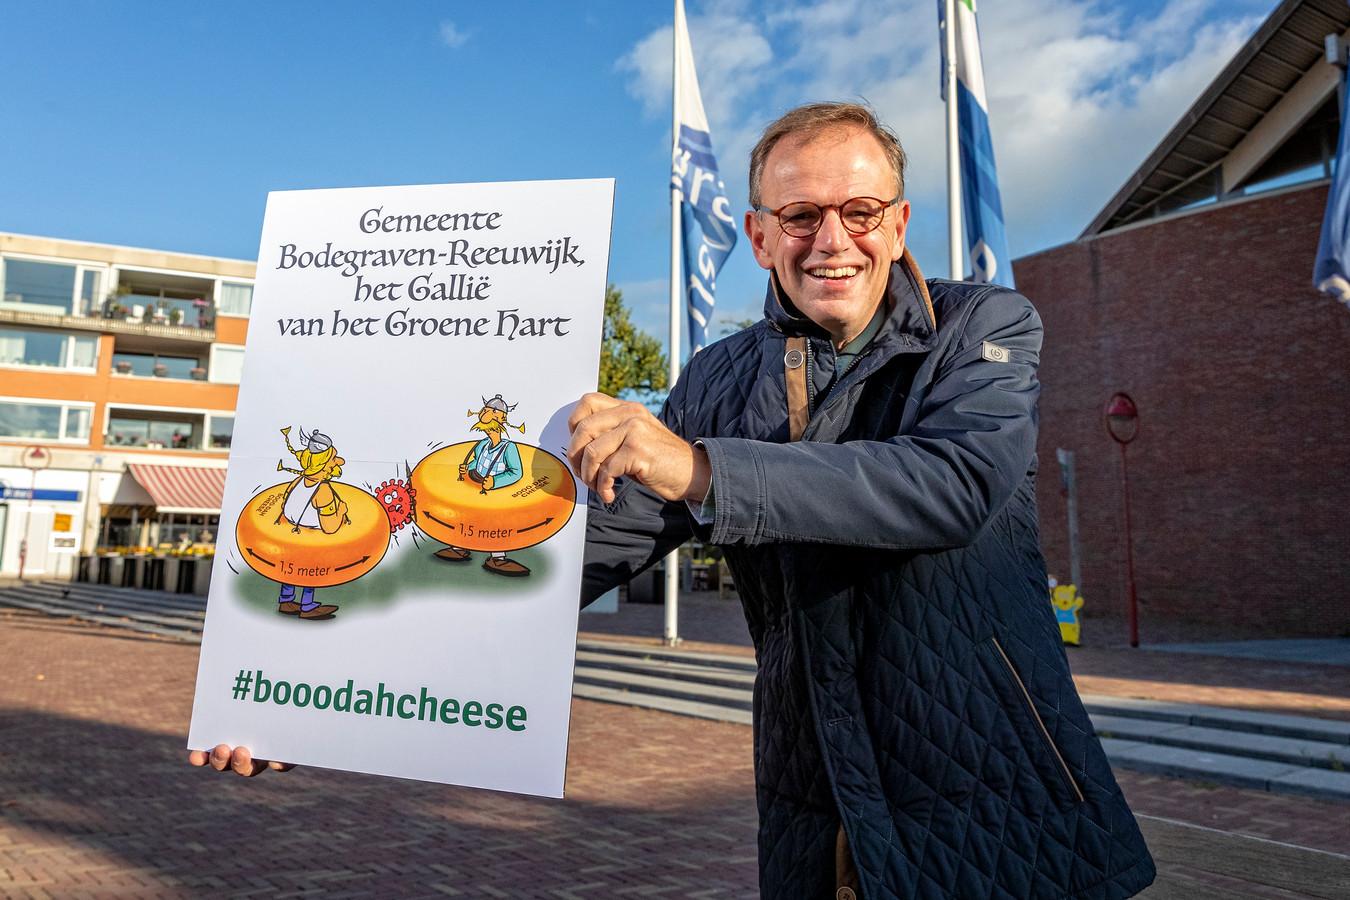 Burgemeester Cristian van der Kamp van Bodegraven-Reeuwijk presenteer de anti-corona actie #booodahcheese.